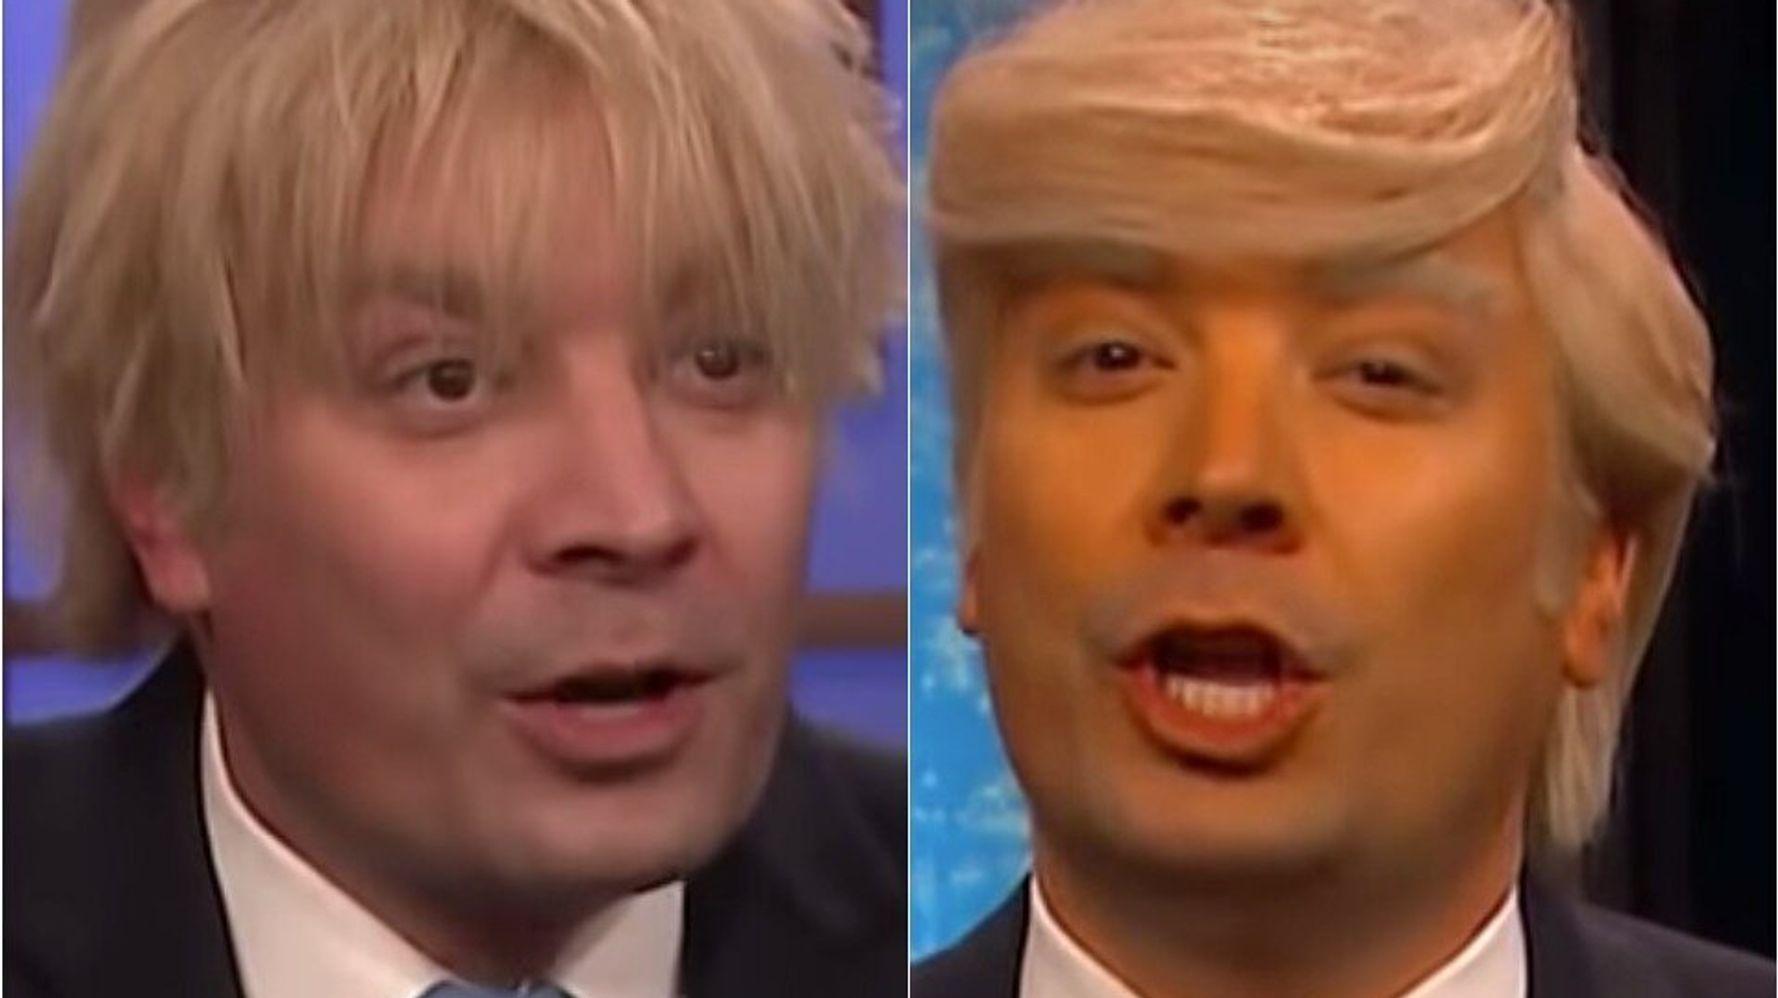 Westlake Legal Group 5de8c18621000058e434f153 Trump And Boris Johnson Take Center Stage In Jimmy Fallon's New Talk Show